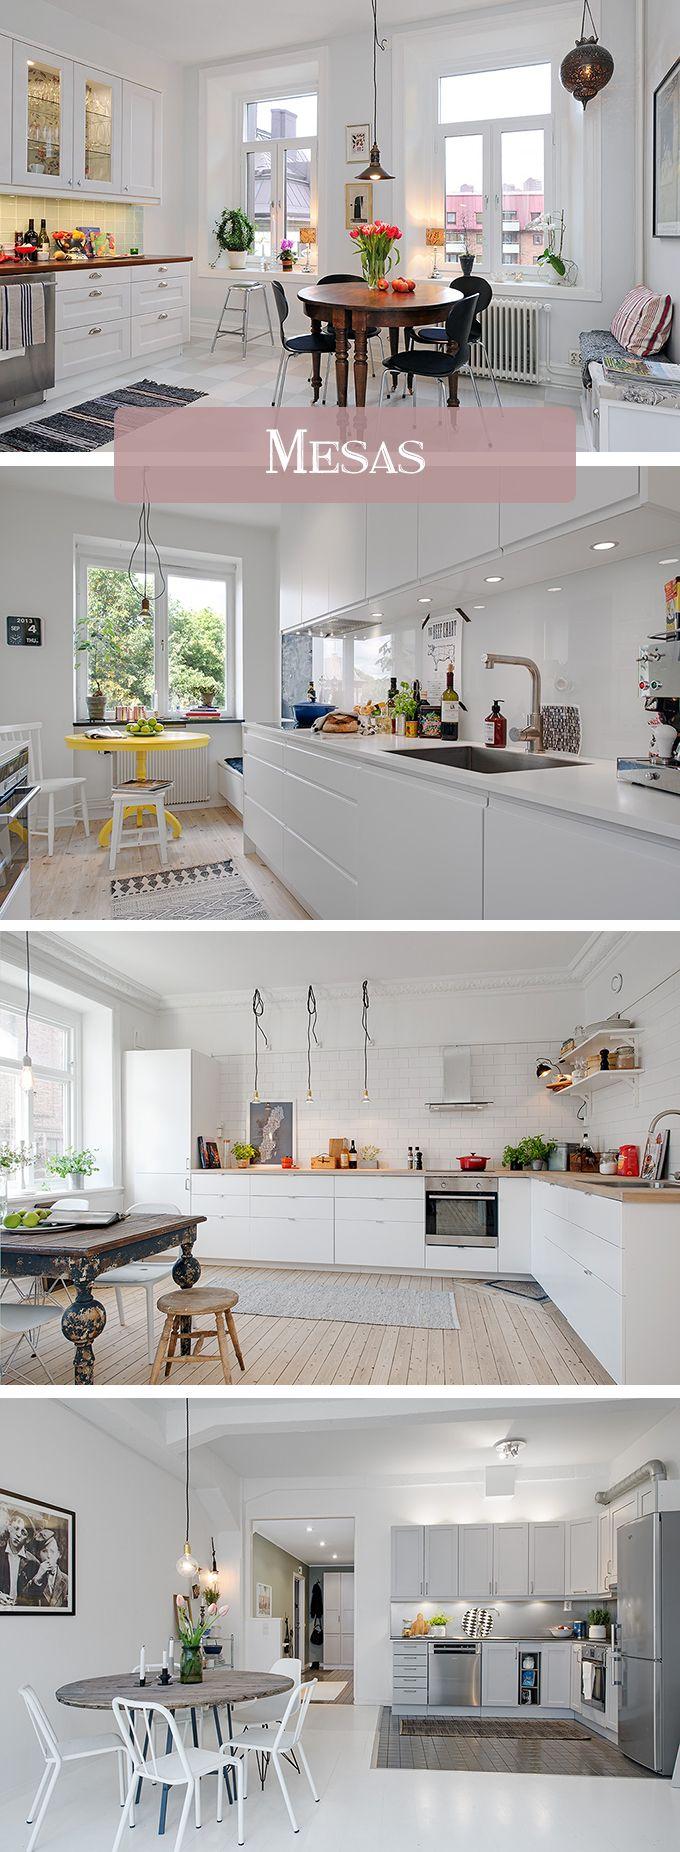 una cocina nórdica mola... pero si ya tiene algún toque vintage ... - Roba Küche